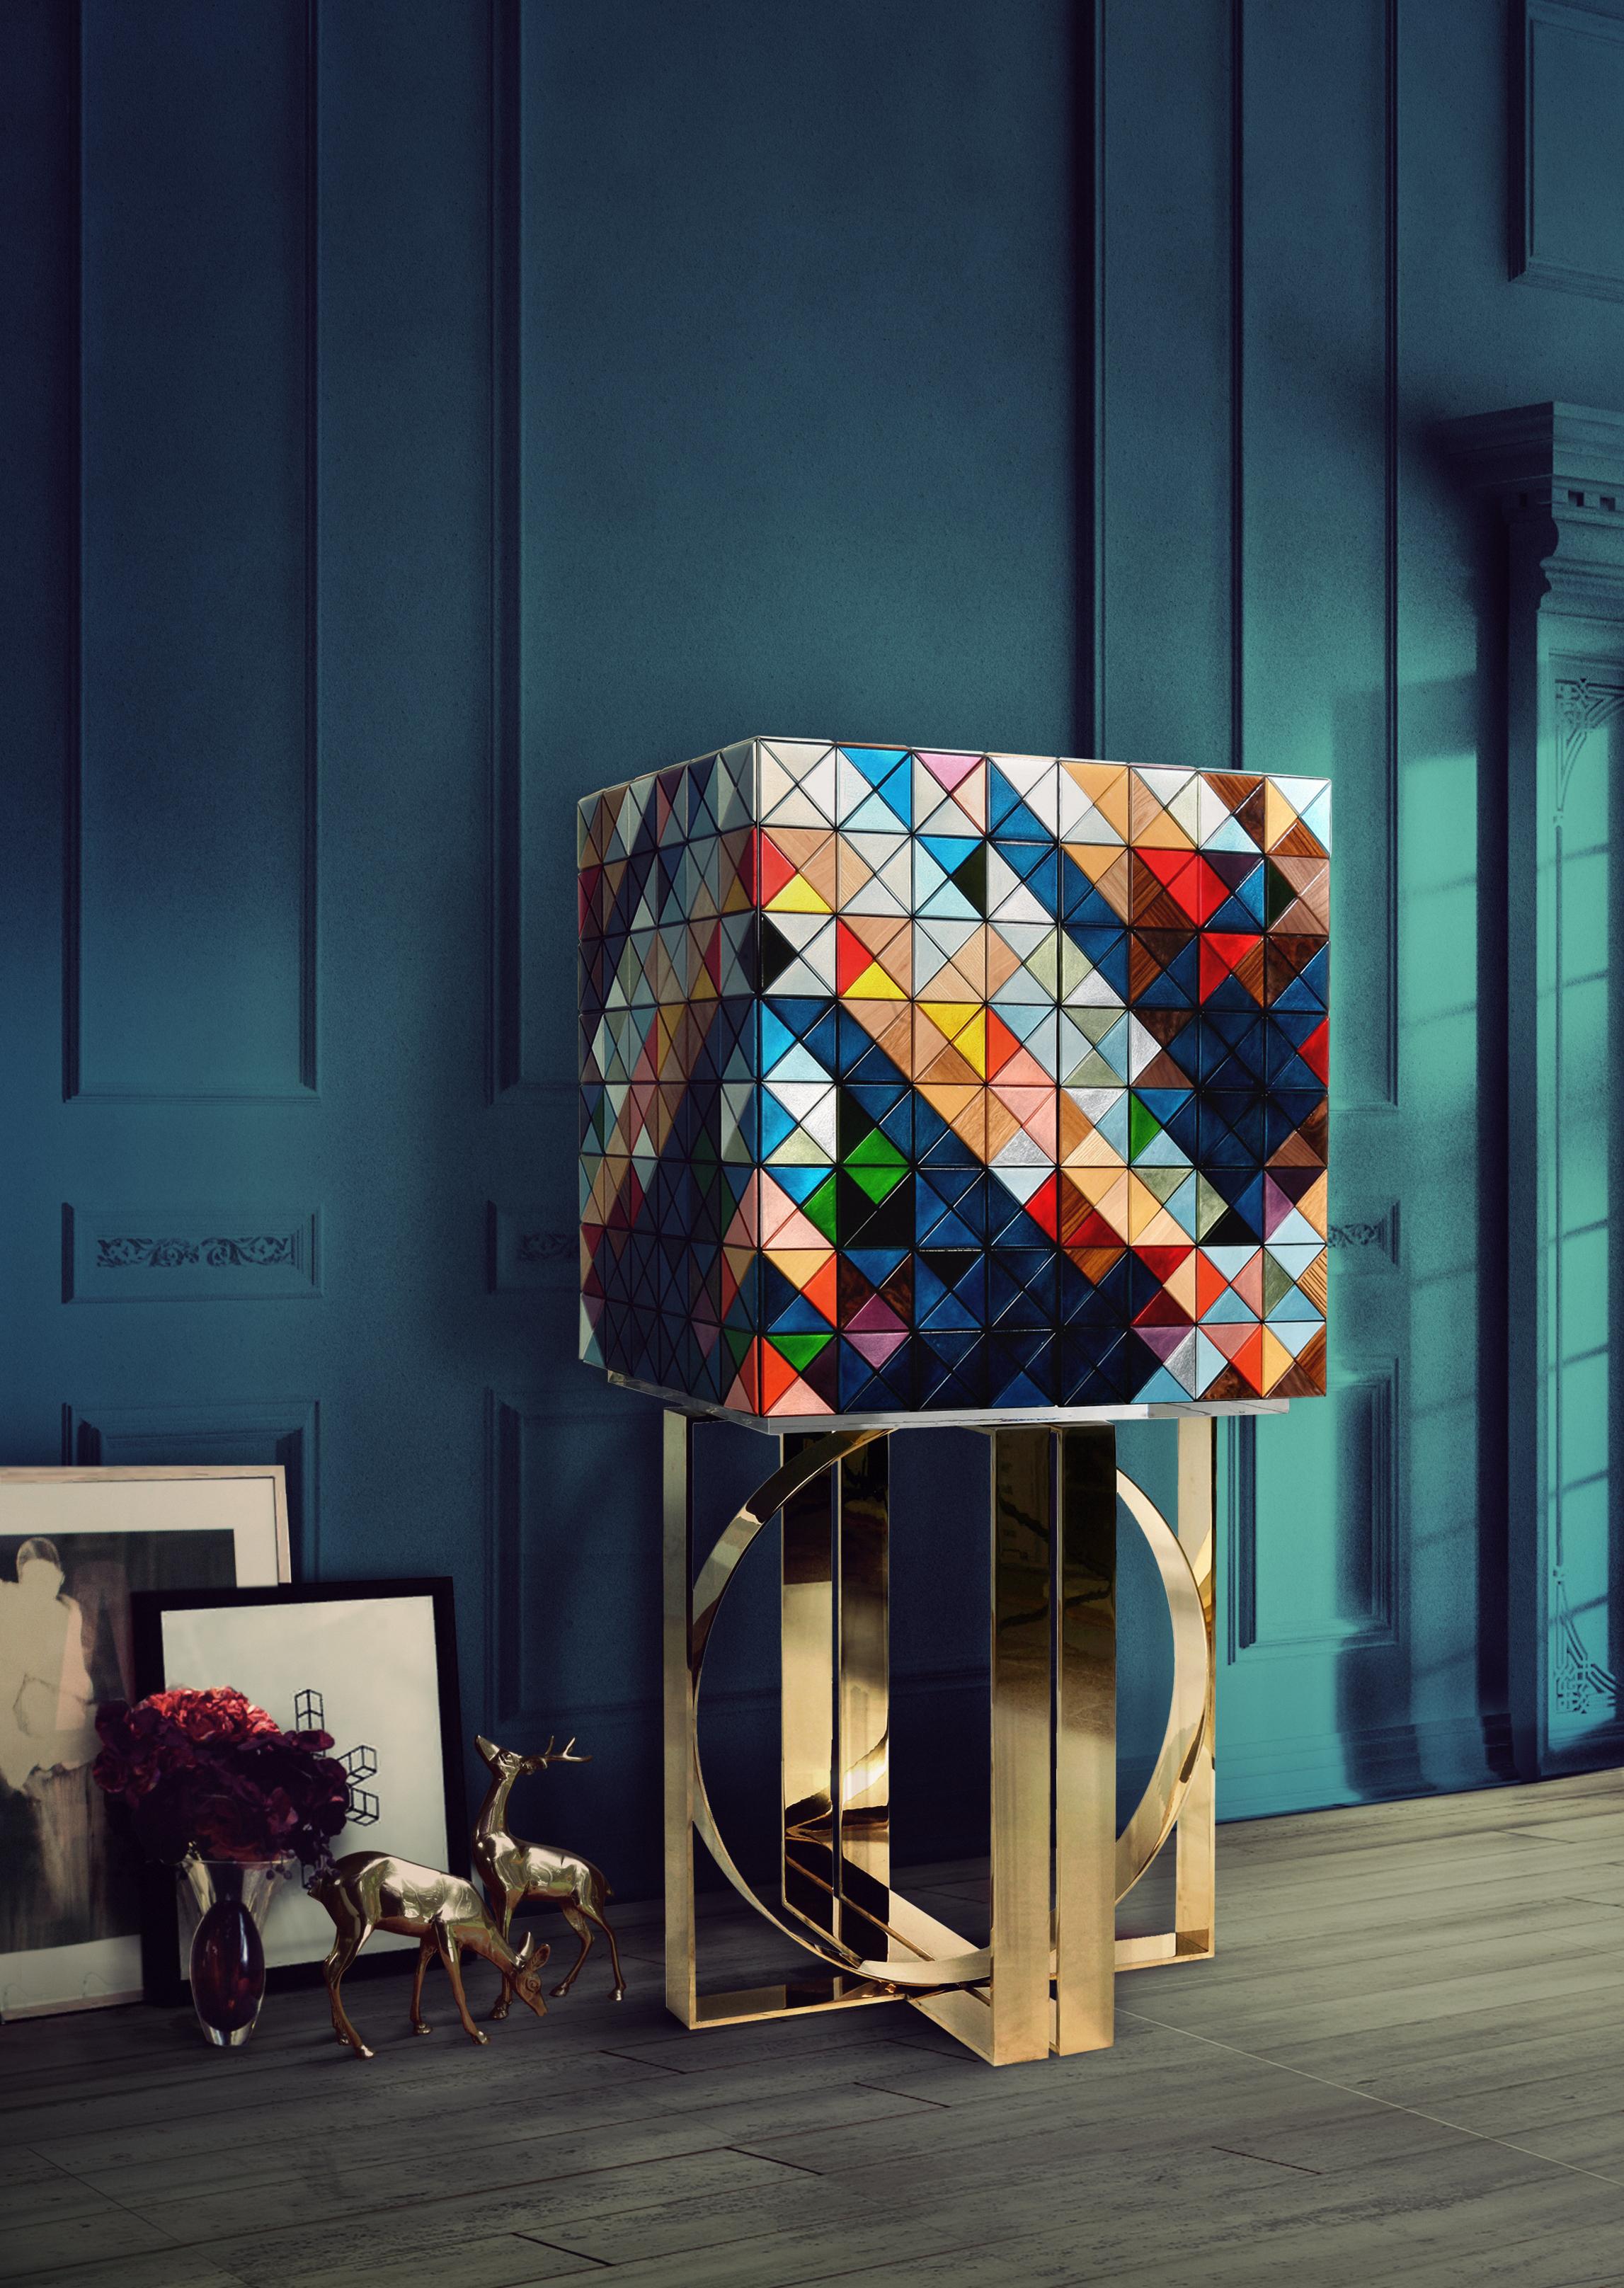 boca do lobo Pixel by Boca do Lobo, A Symbol Of Change Pixel by Boca do Lobo A Symbol Of Change